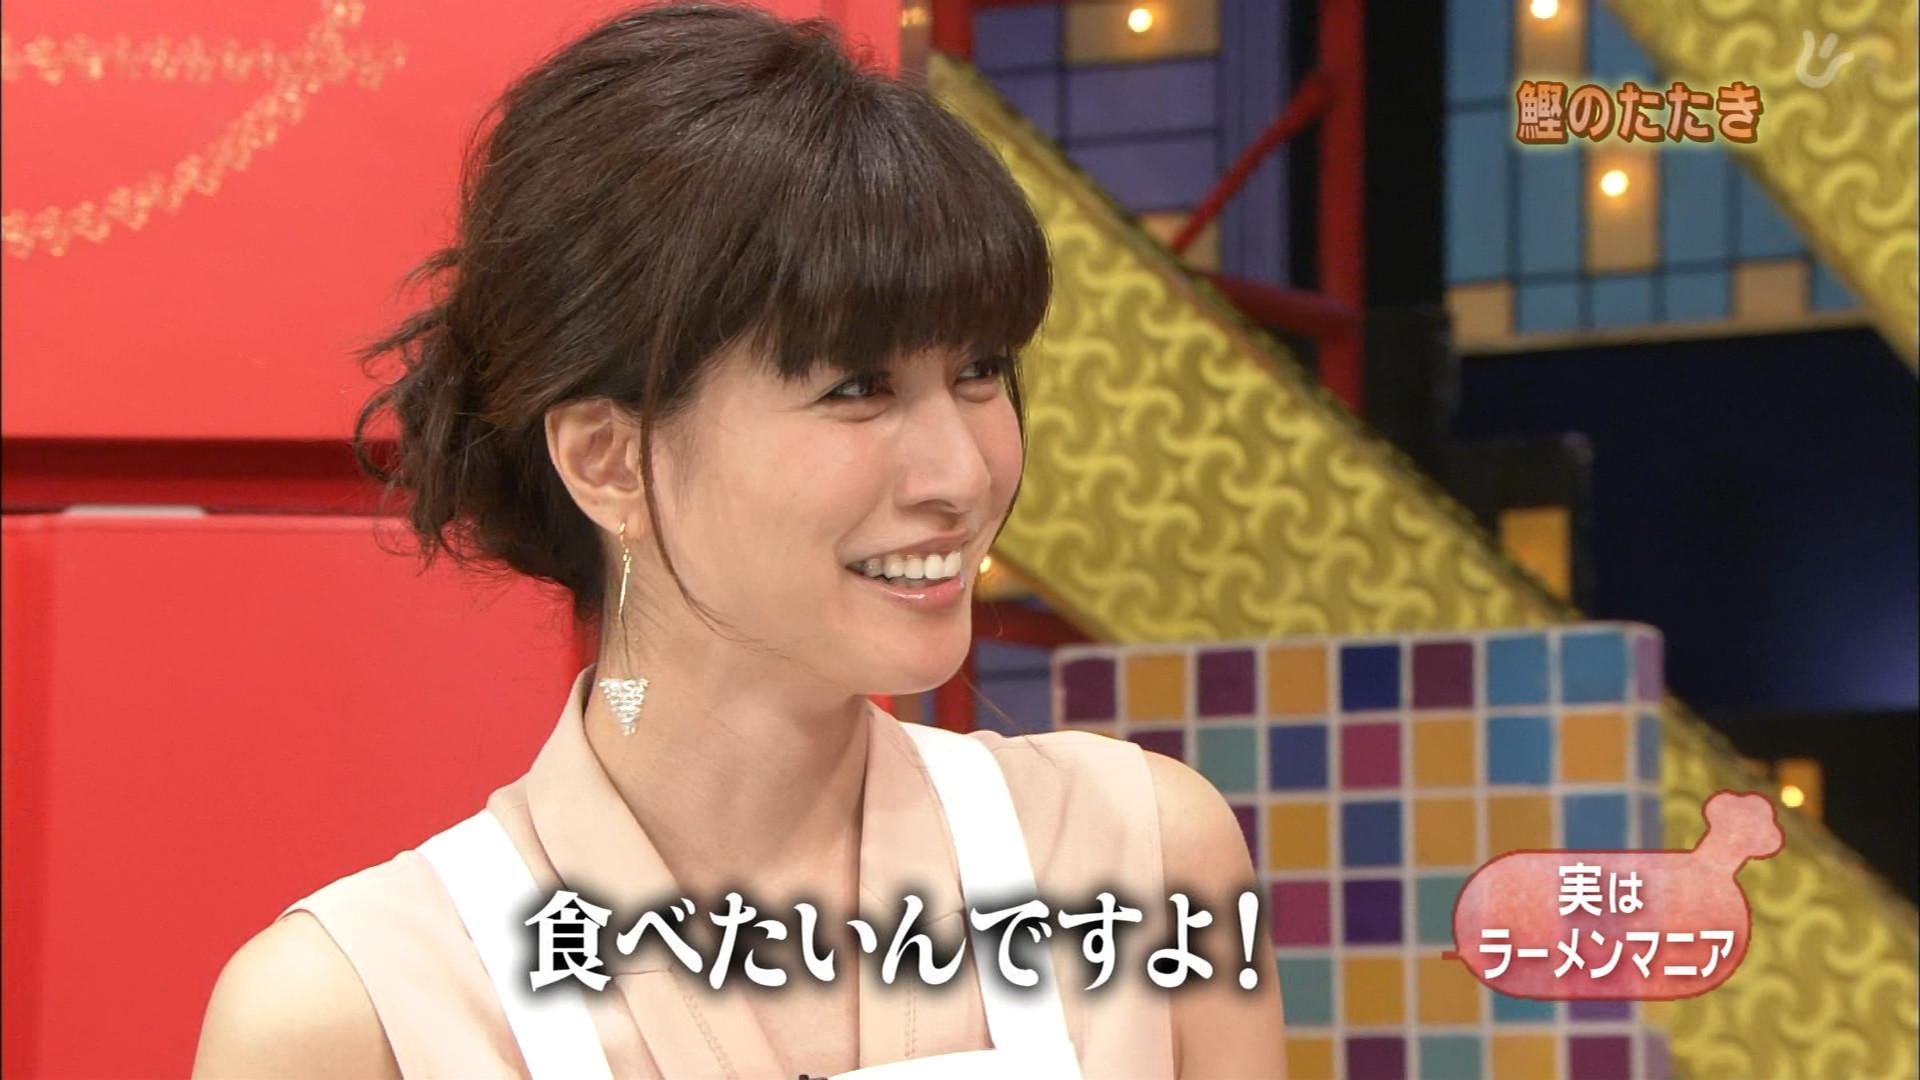 【画像】内田有紀(41)「ざんね~ん(笑) もうオバサンでしたぁ Hできませぇーん!」ビラビラ